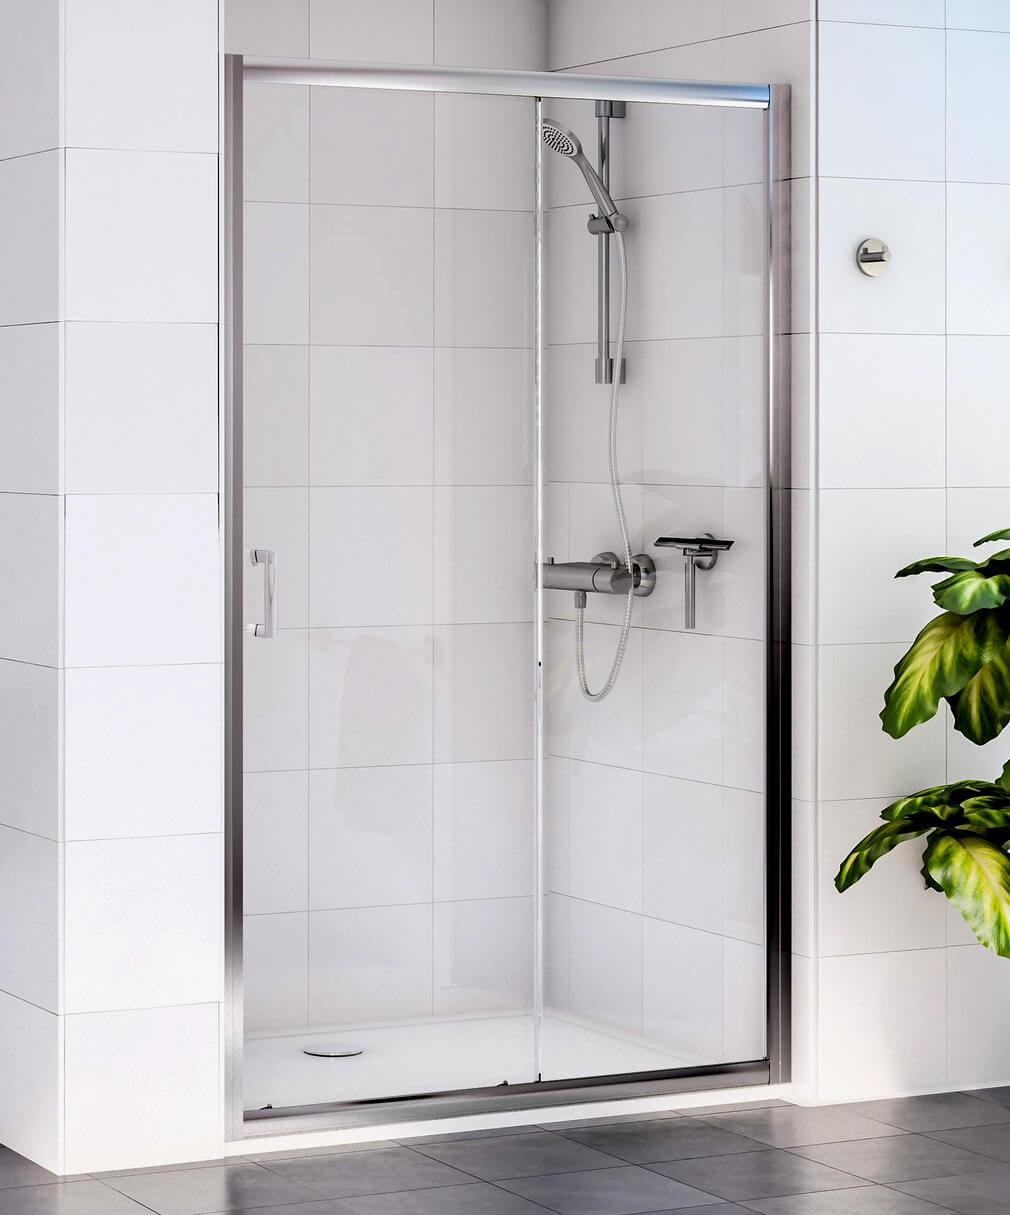 Aqualux Shine Sliding Shower Door 1200mm Polished Silver Fen0903aqu